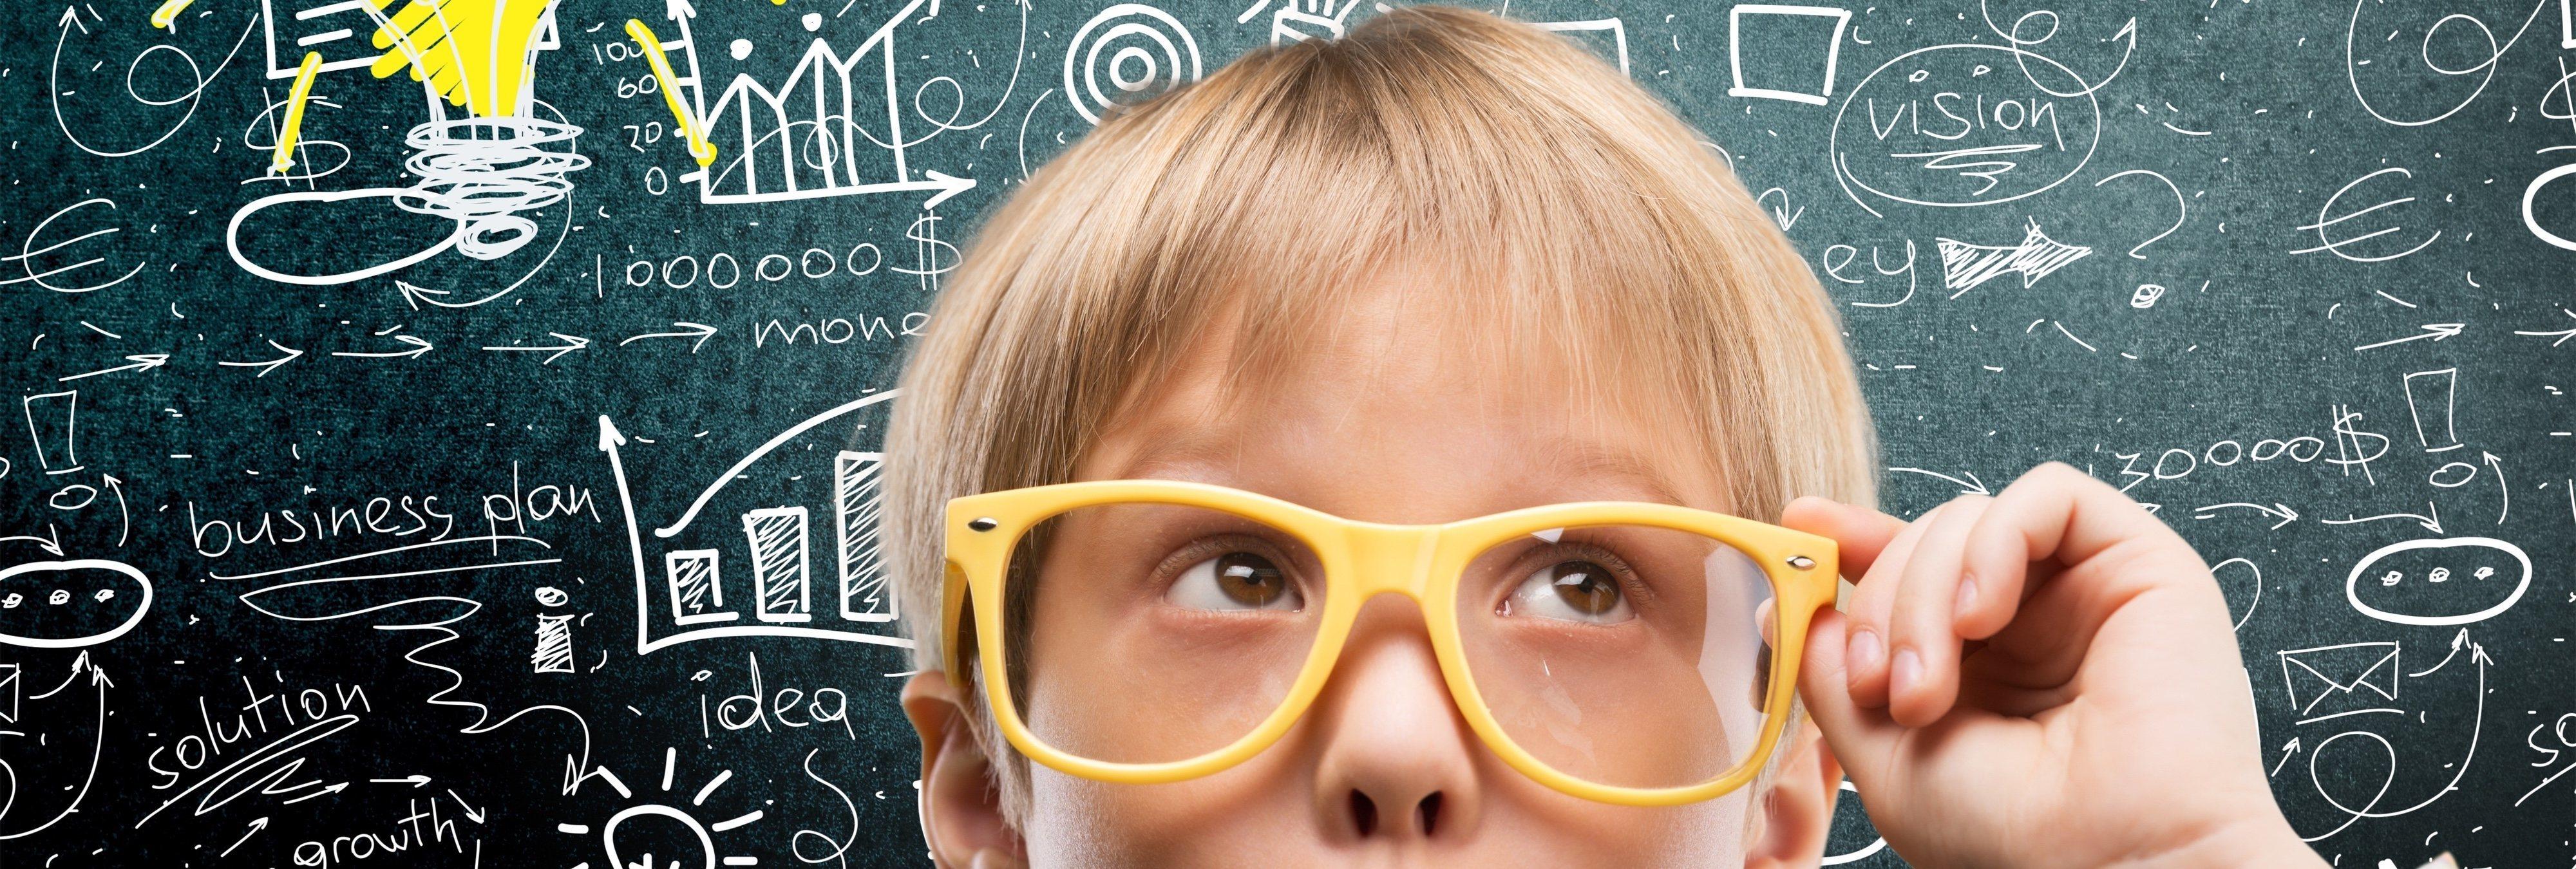 Este es el mes en el que nacen las personas más inteligentes, según un estudio